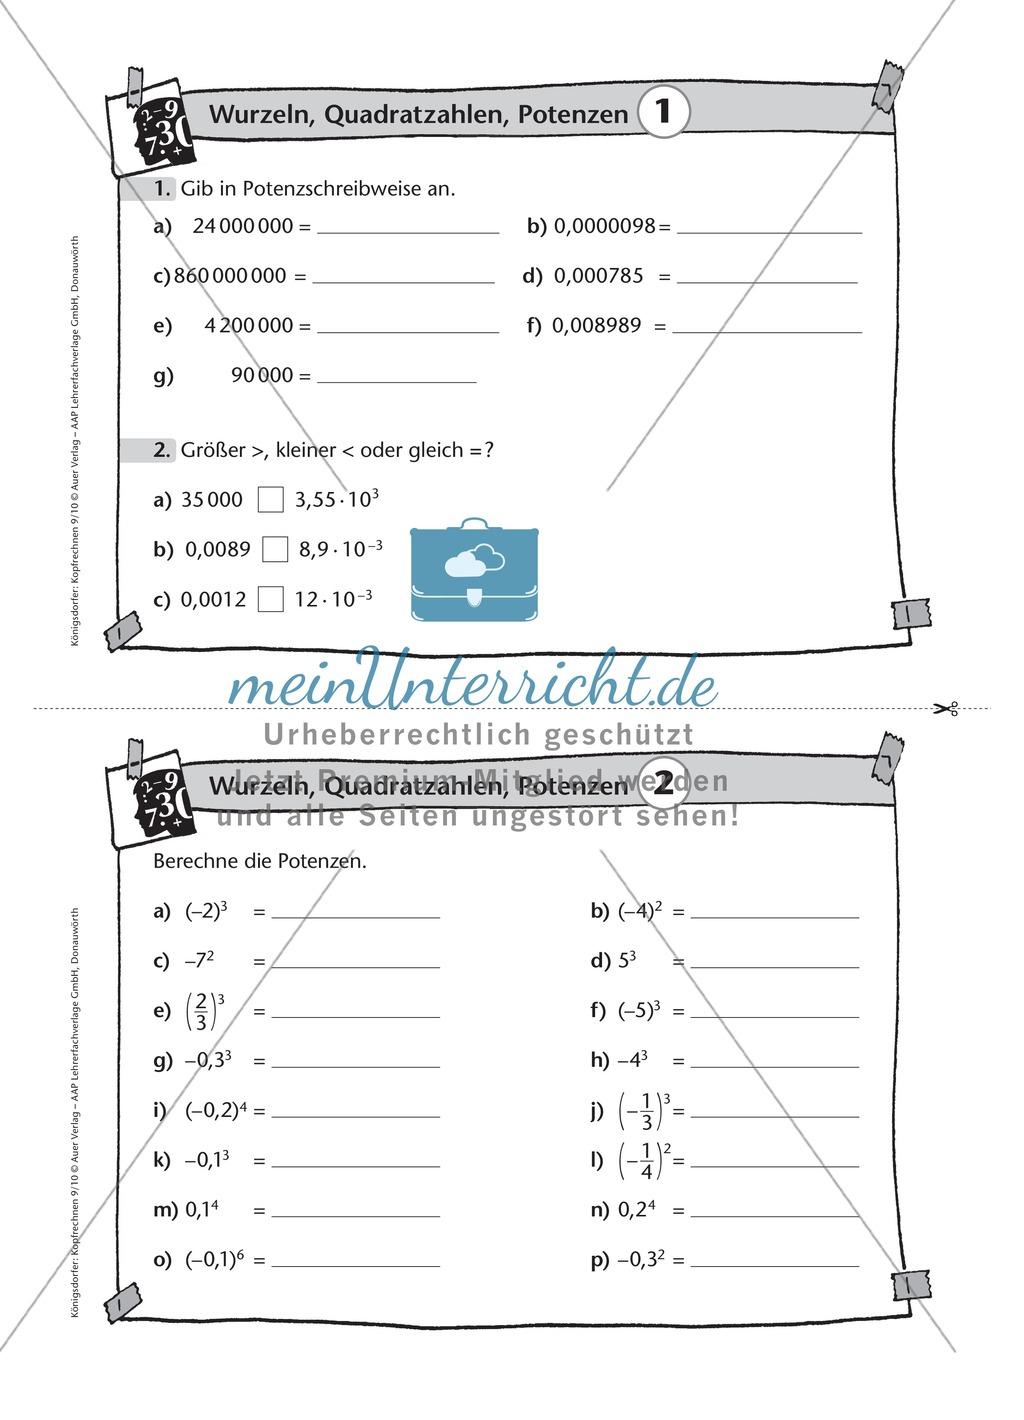 Karteikarten mit Aufgaben aus dem Themenfeld Wurzeln, Quadratzahlen und Potenzen Preview 1